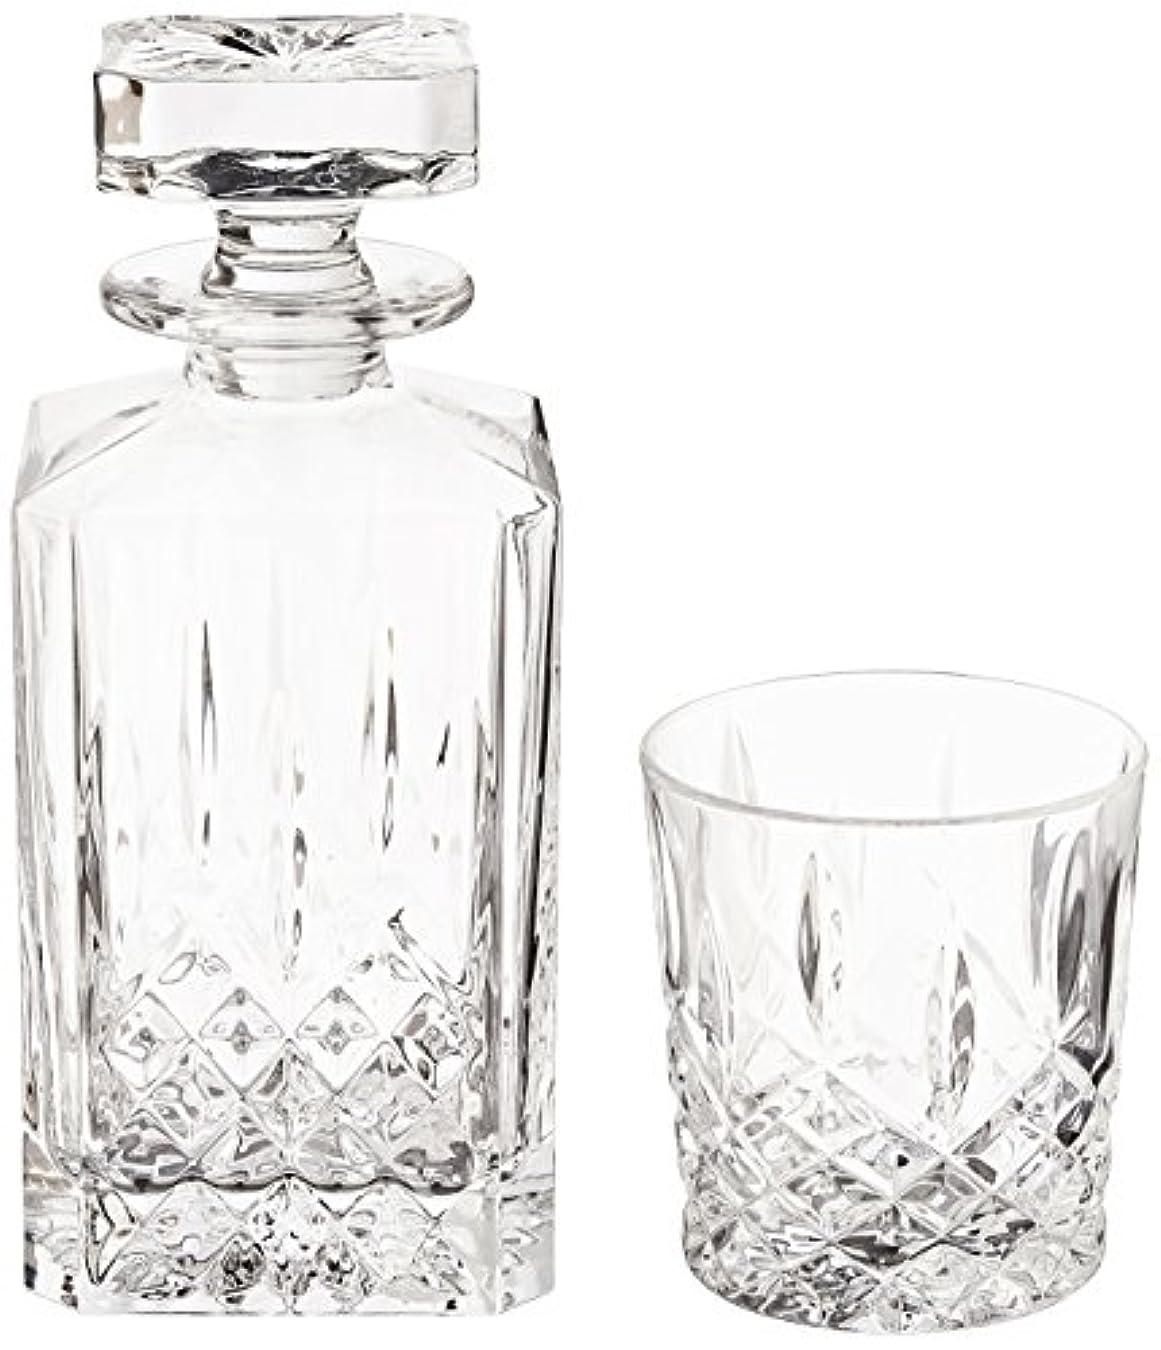 予防接種太平洋諸島顕著(Decanter Set) - Marquis by Waterford Markham 330ml Double Old Fashioned Glasses Pair and Square Decanter Set,...